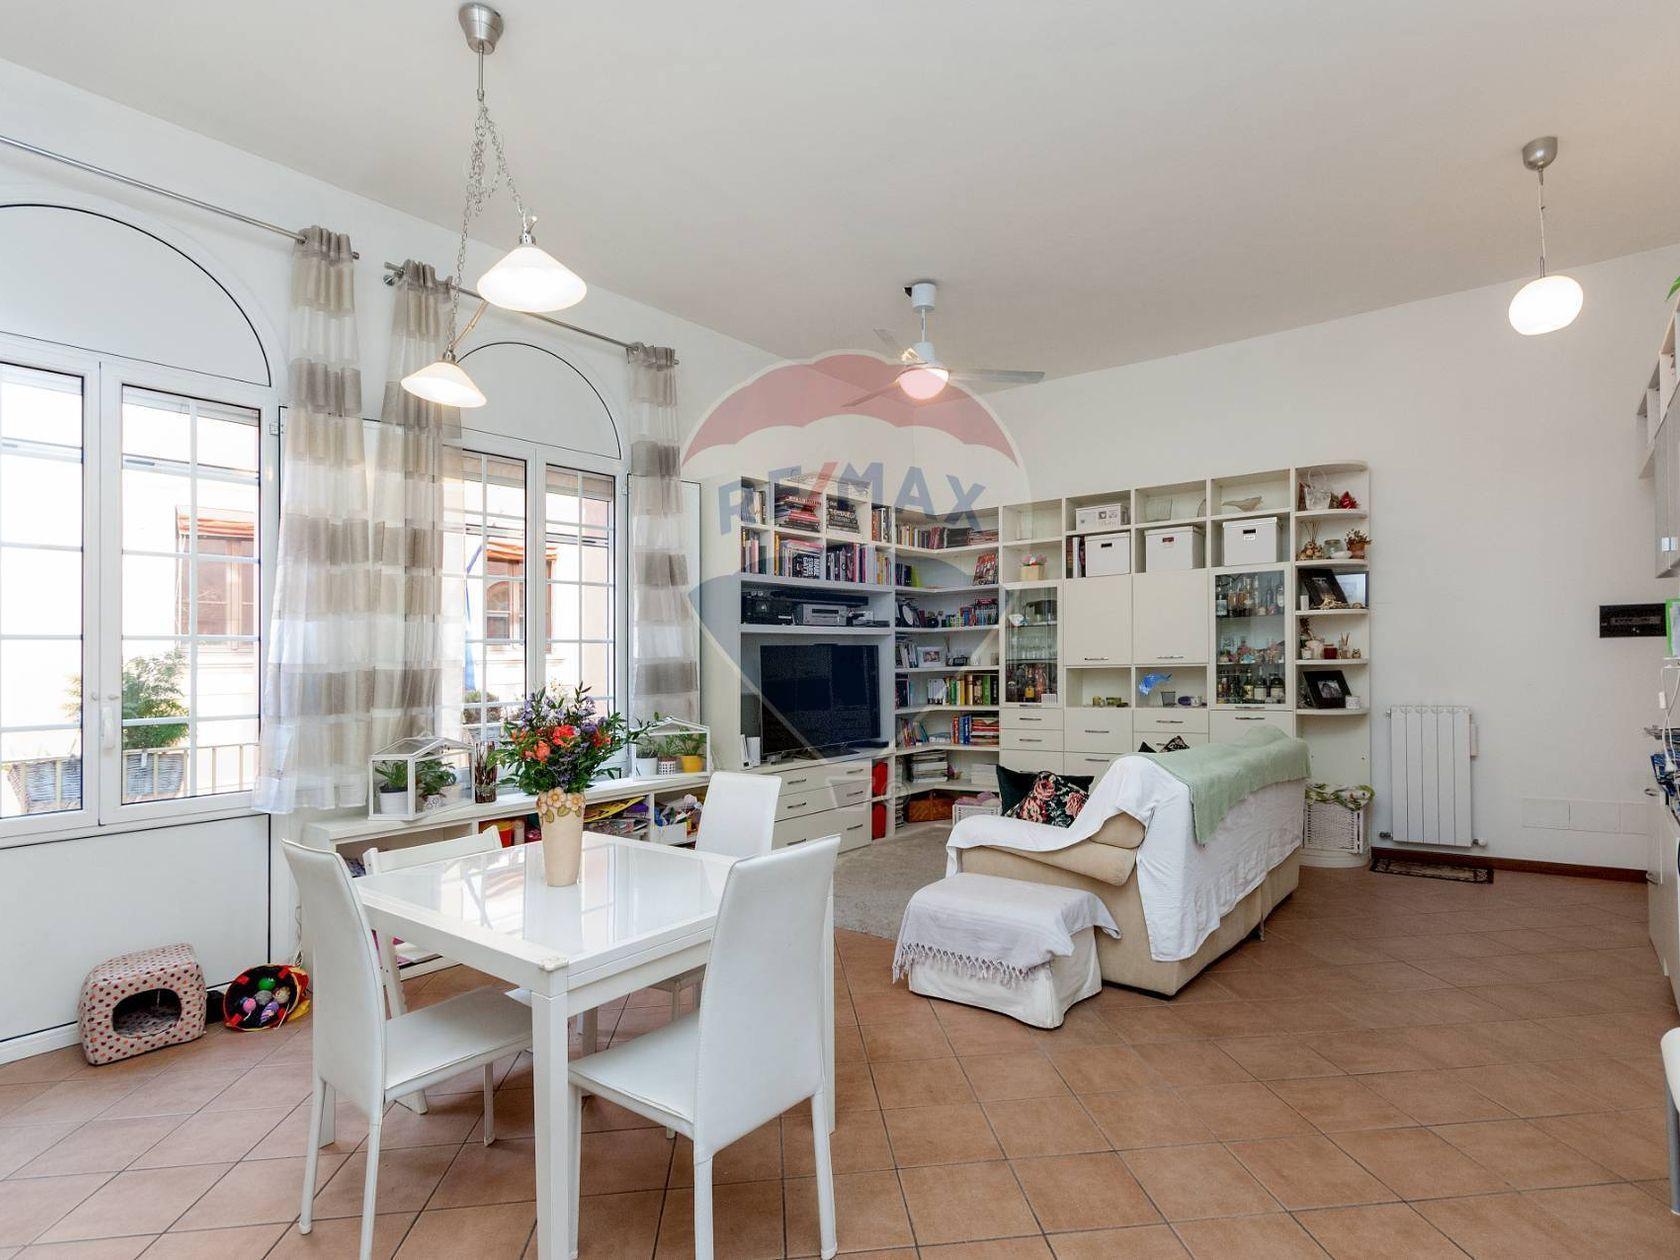 Appartamento Zona Centro Storico, San Giovanni in Persiceto, BO Vendita - Foto 10